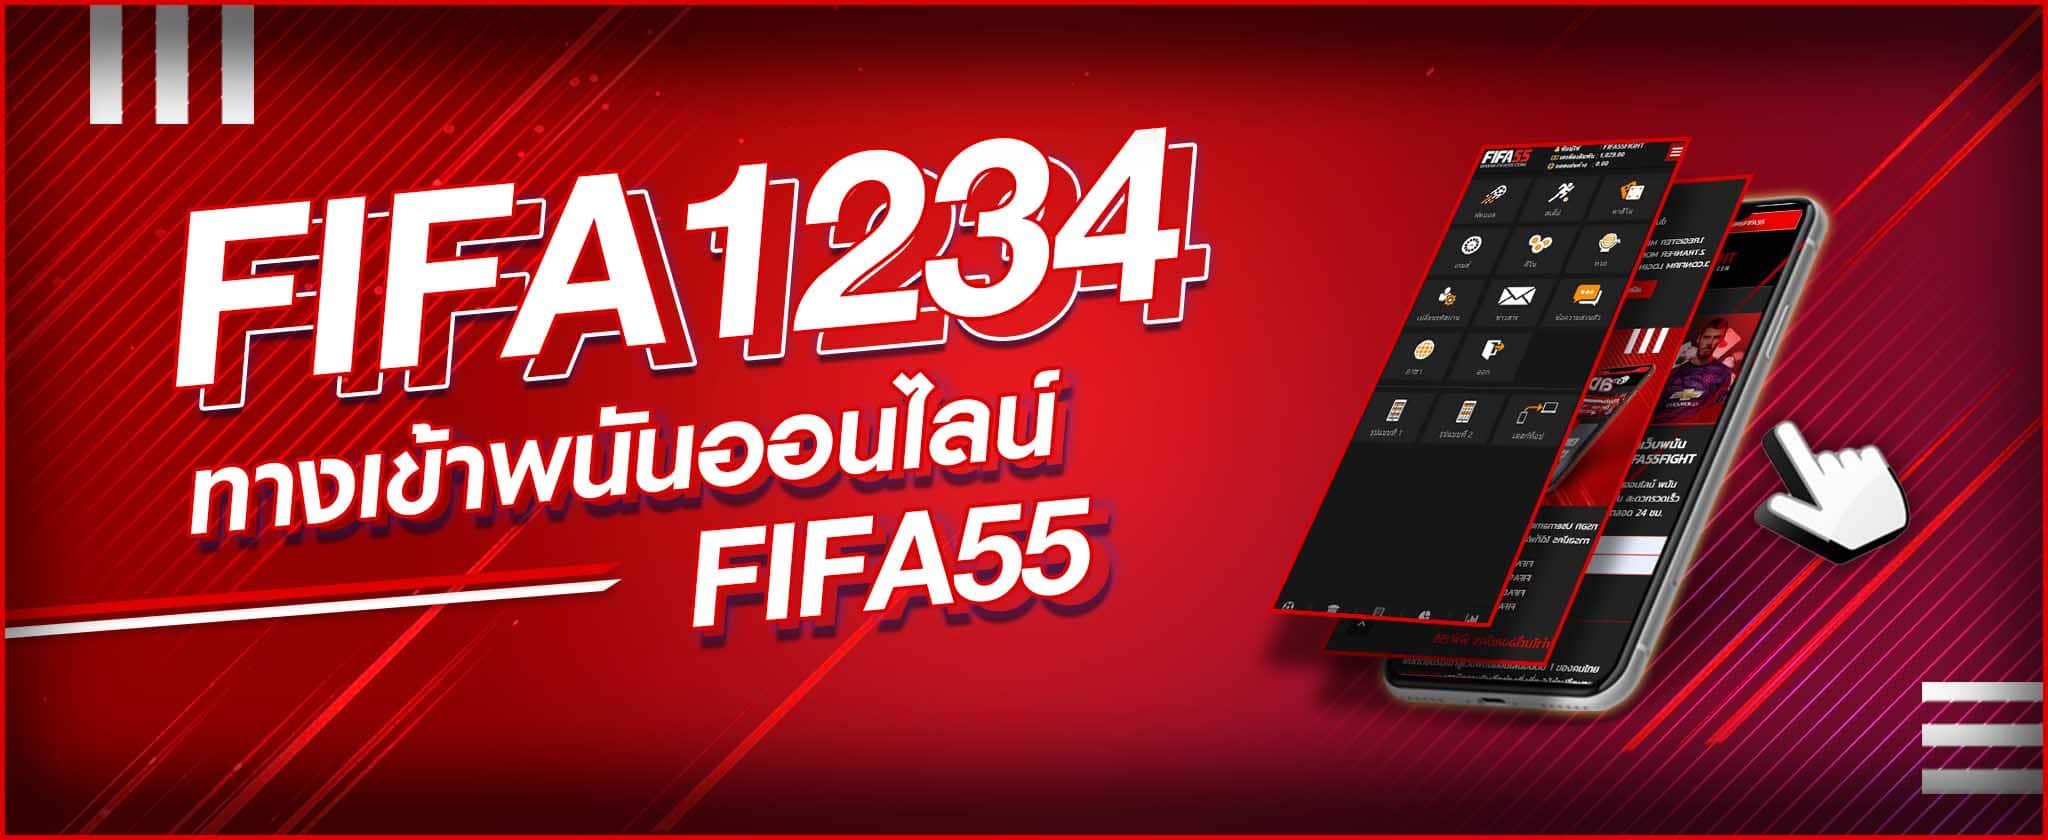 FIFA1234